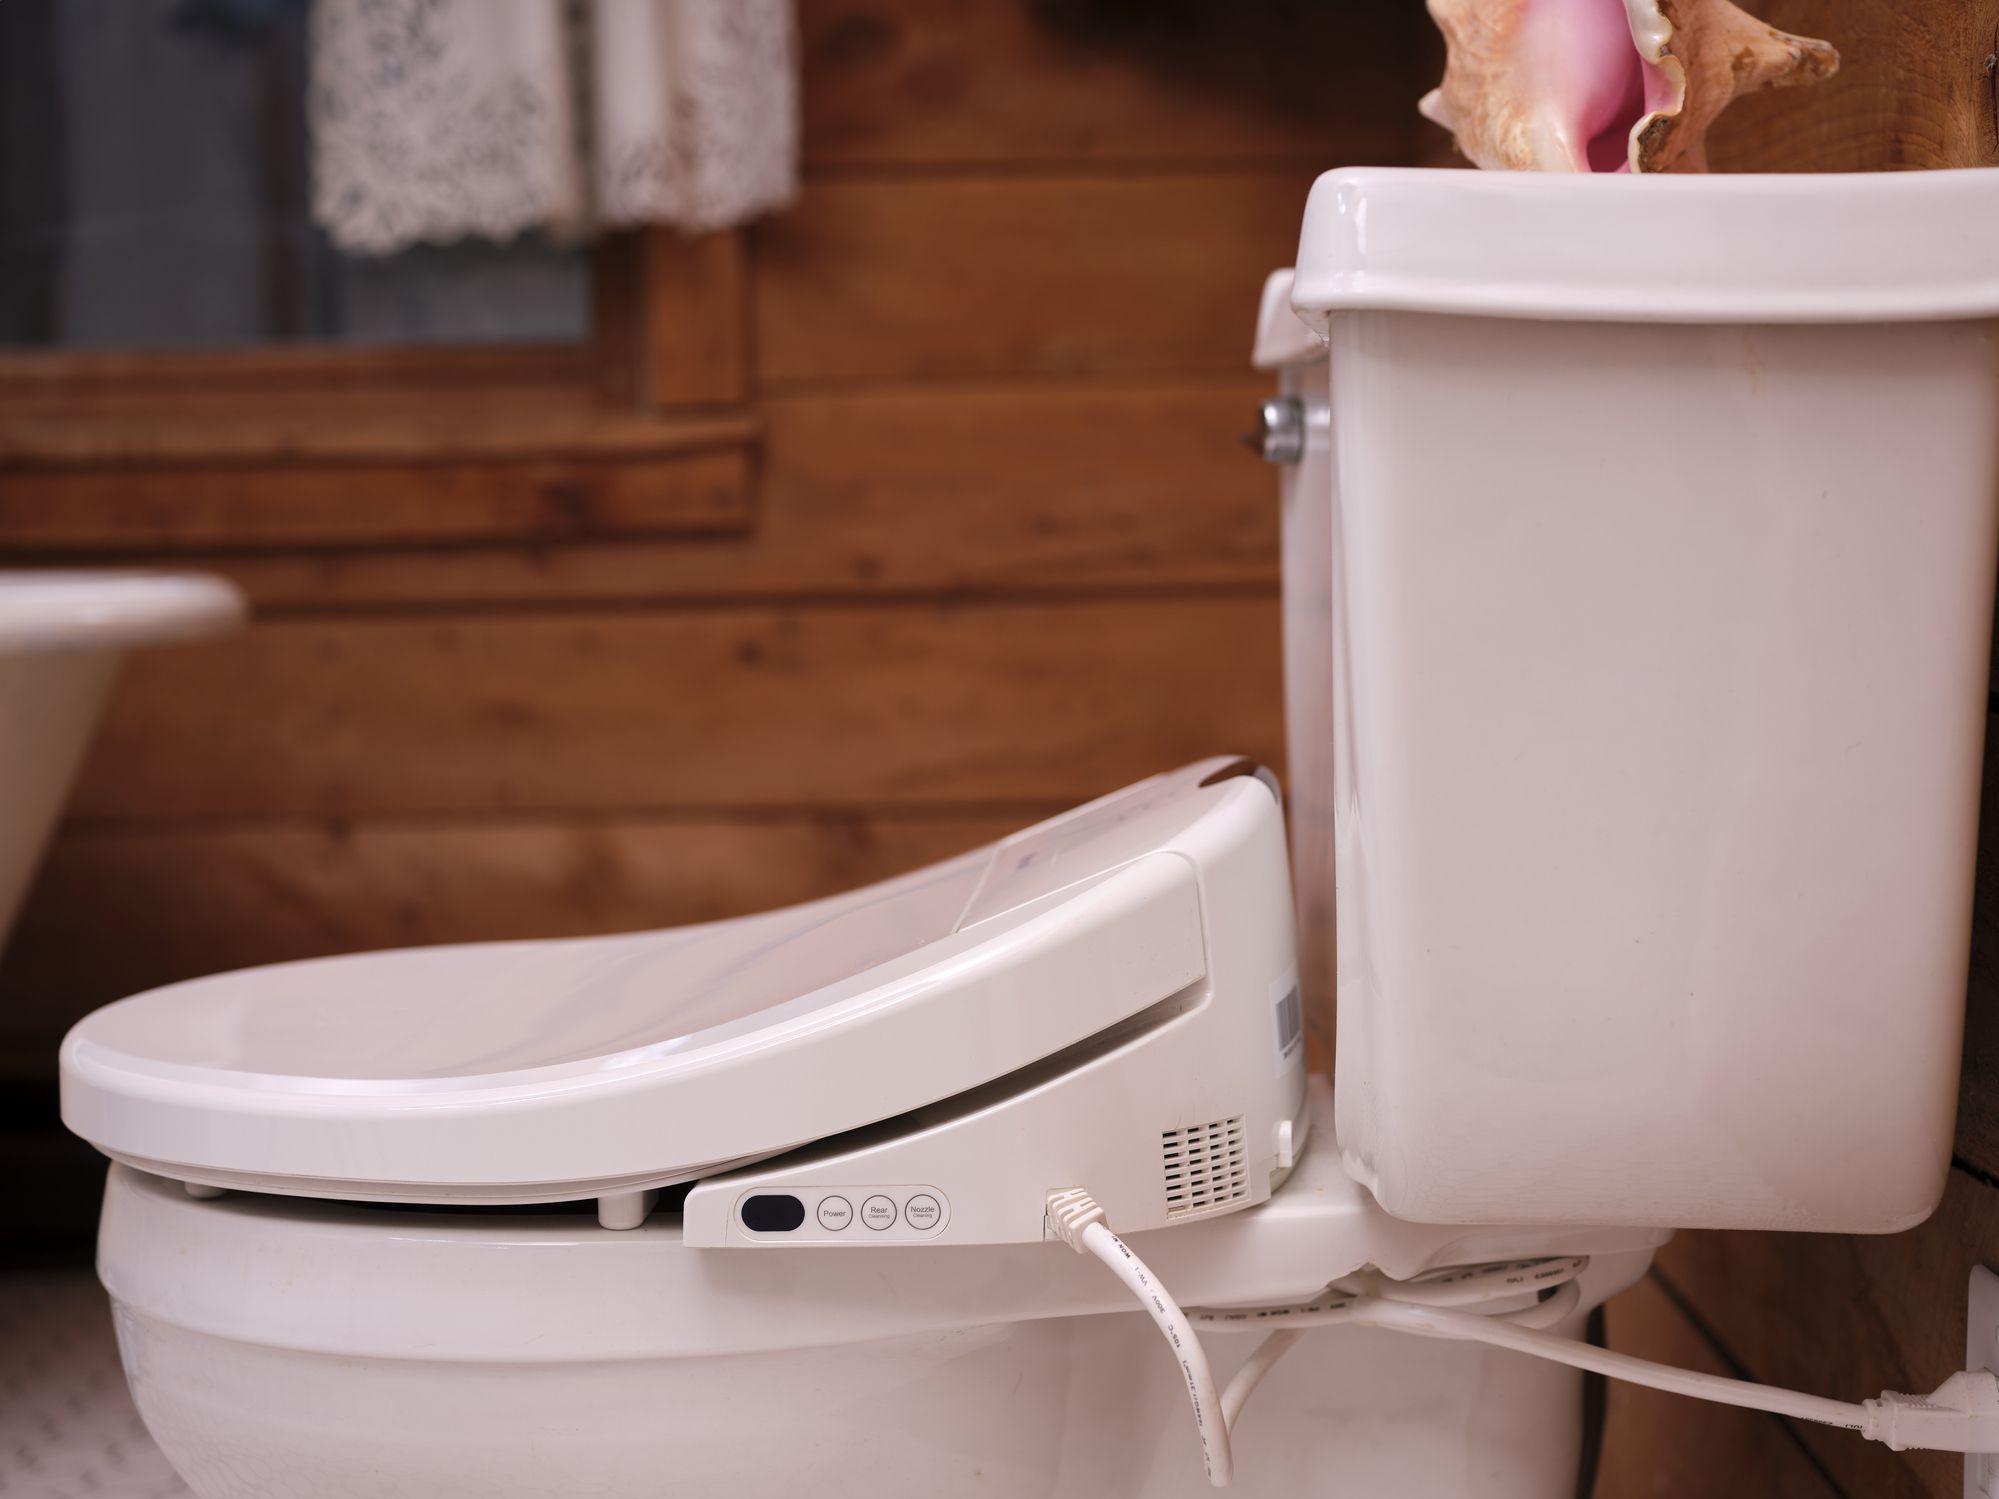 pink bidet / toilet in a bathroom